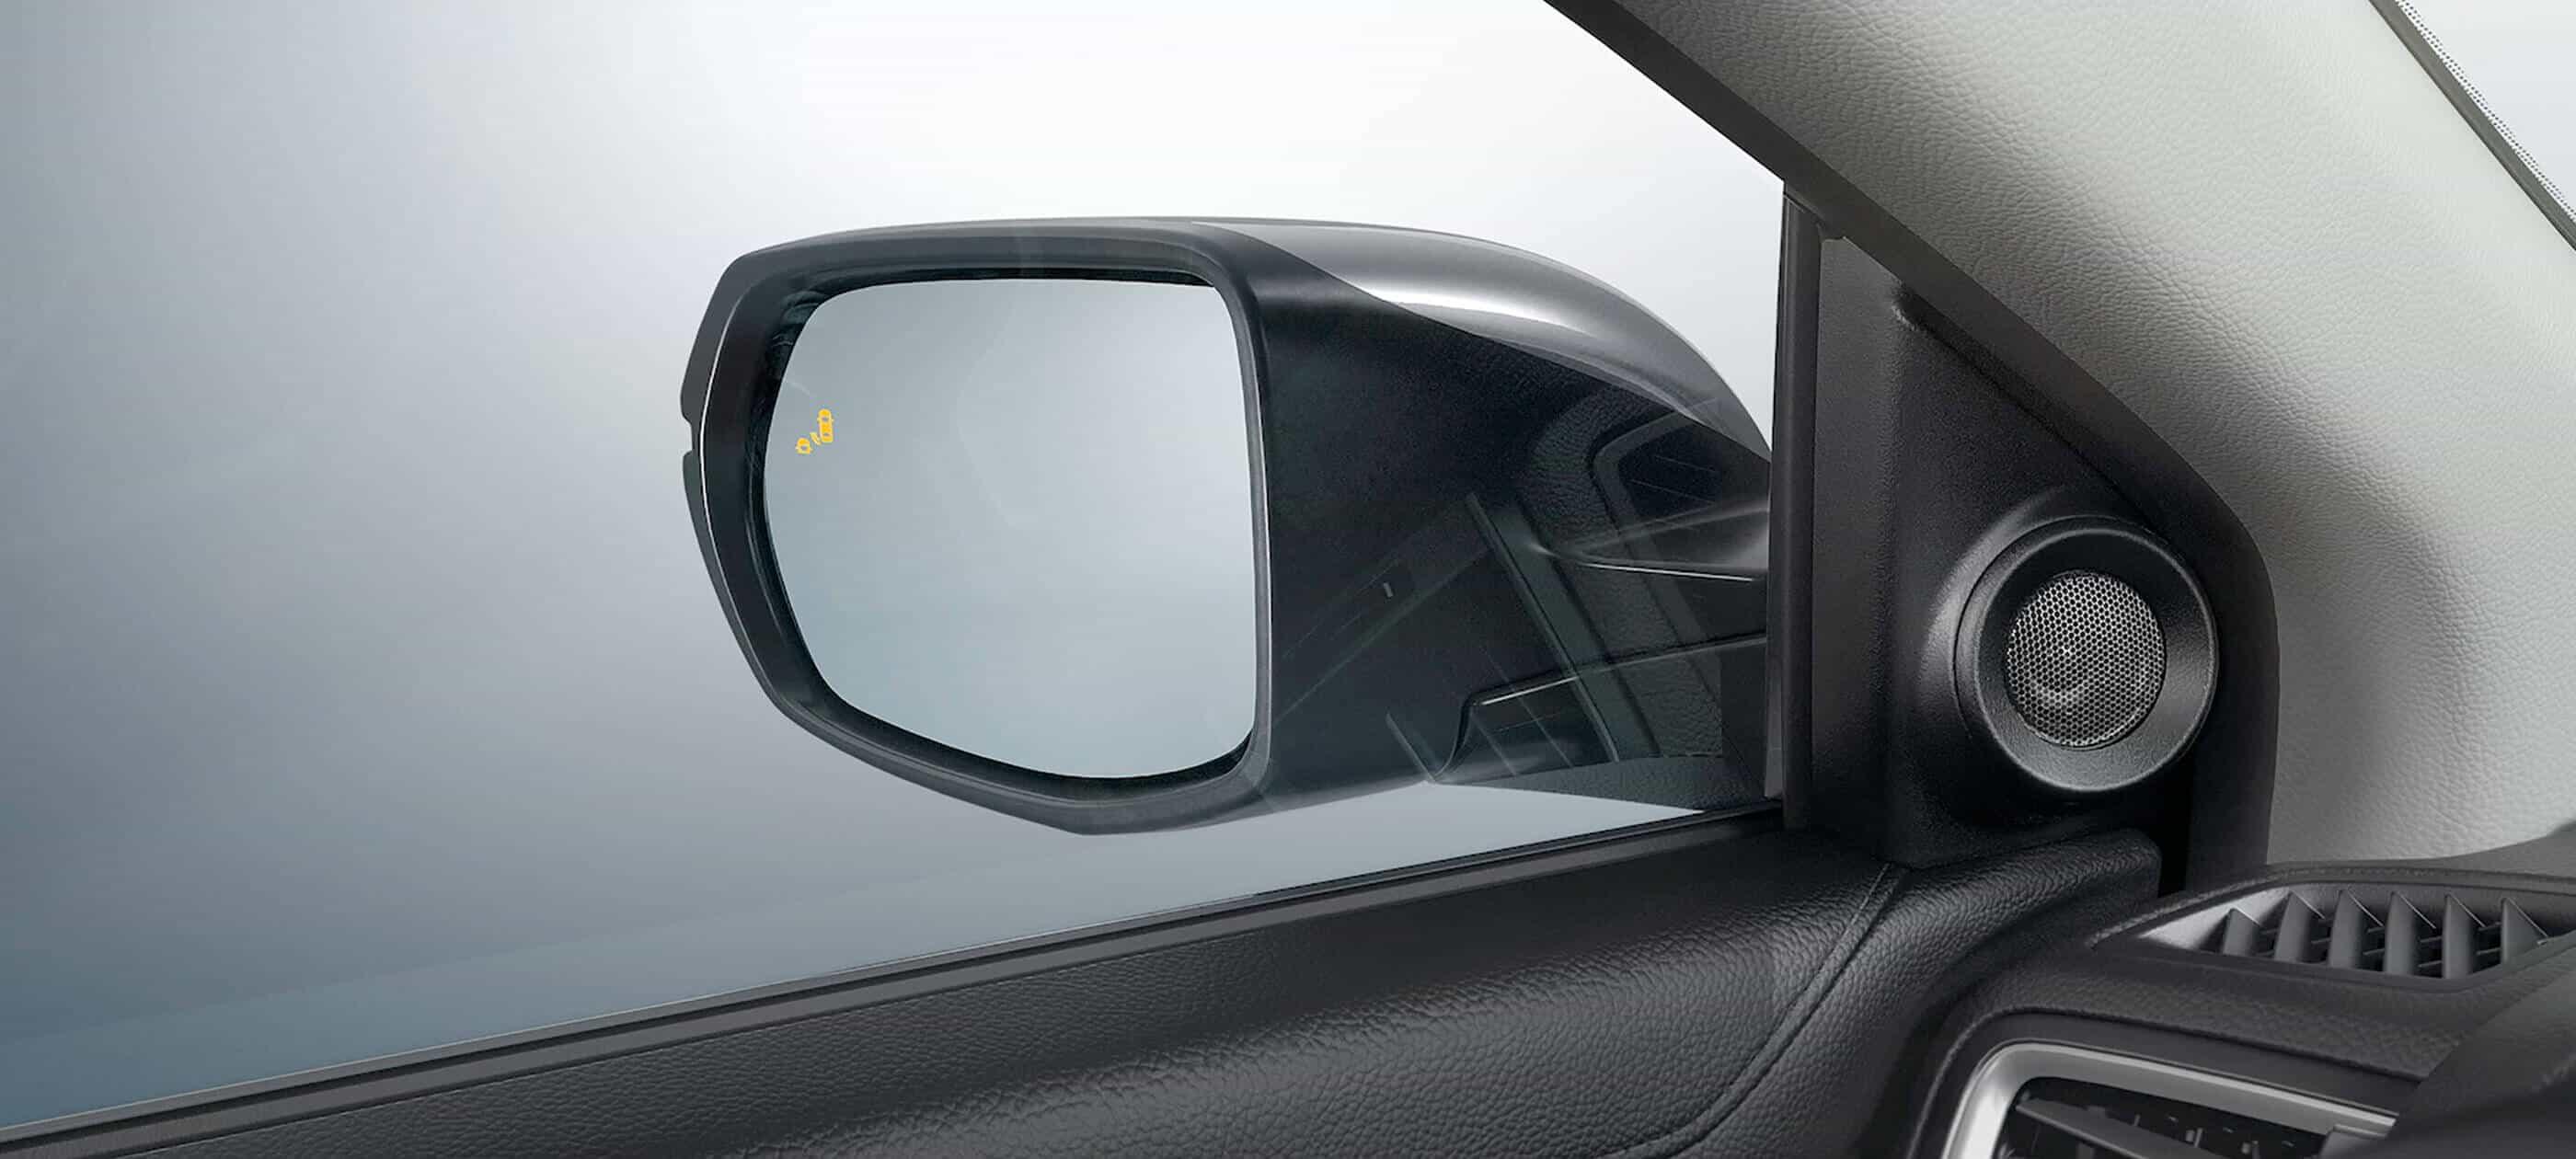 Blind Spot Information System